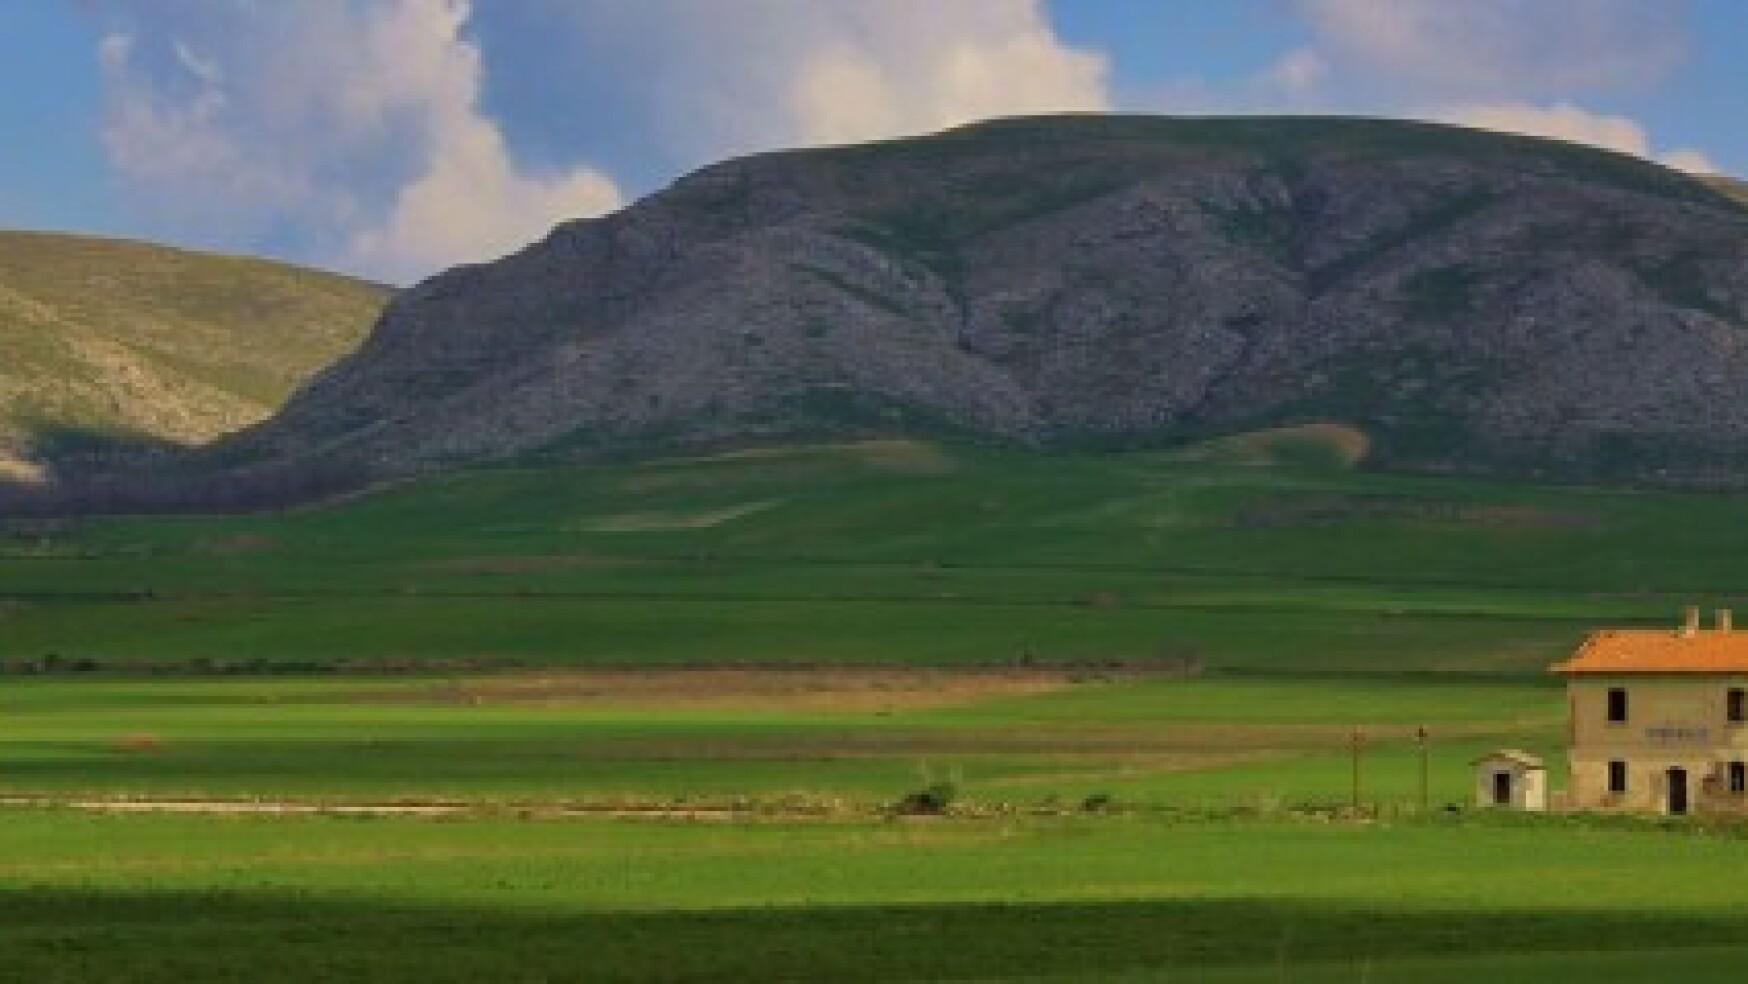 L'ALTA MURGIA VUOLE DIVENTARE UN GEOPARCO DELL'UNESCO